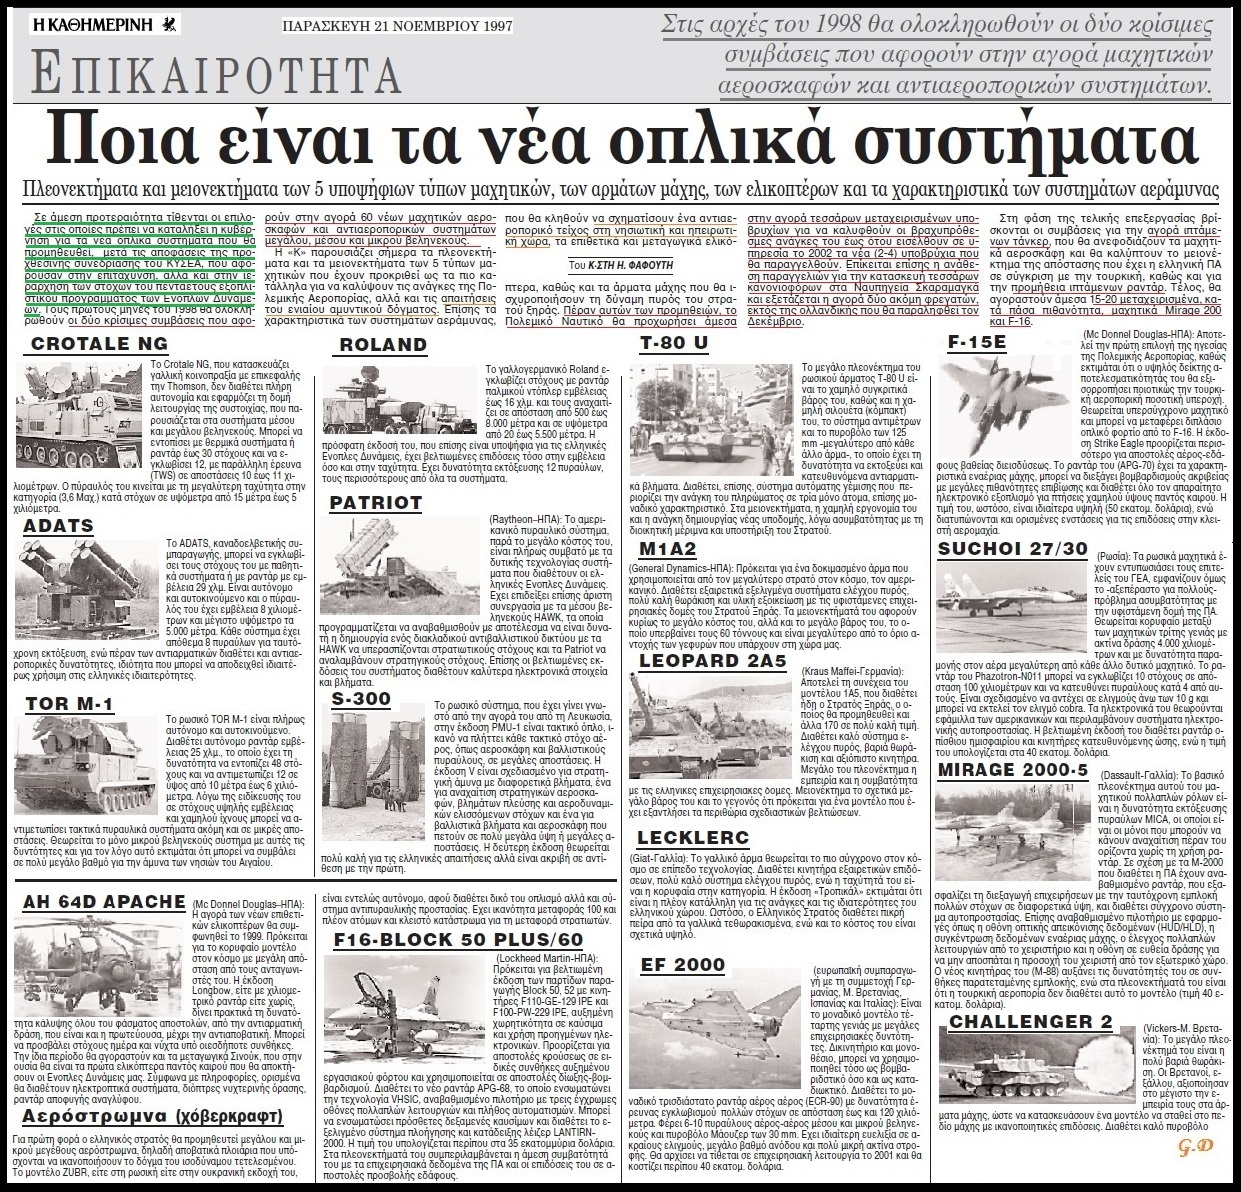 ΑΓΟΡΑ ΕΞΟΠΛΙΣΜΟΥ 1997